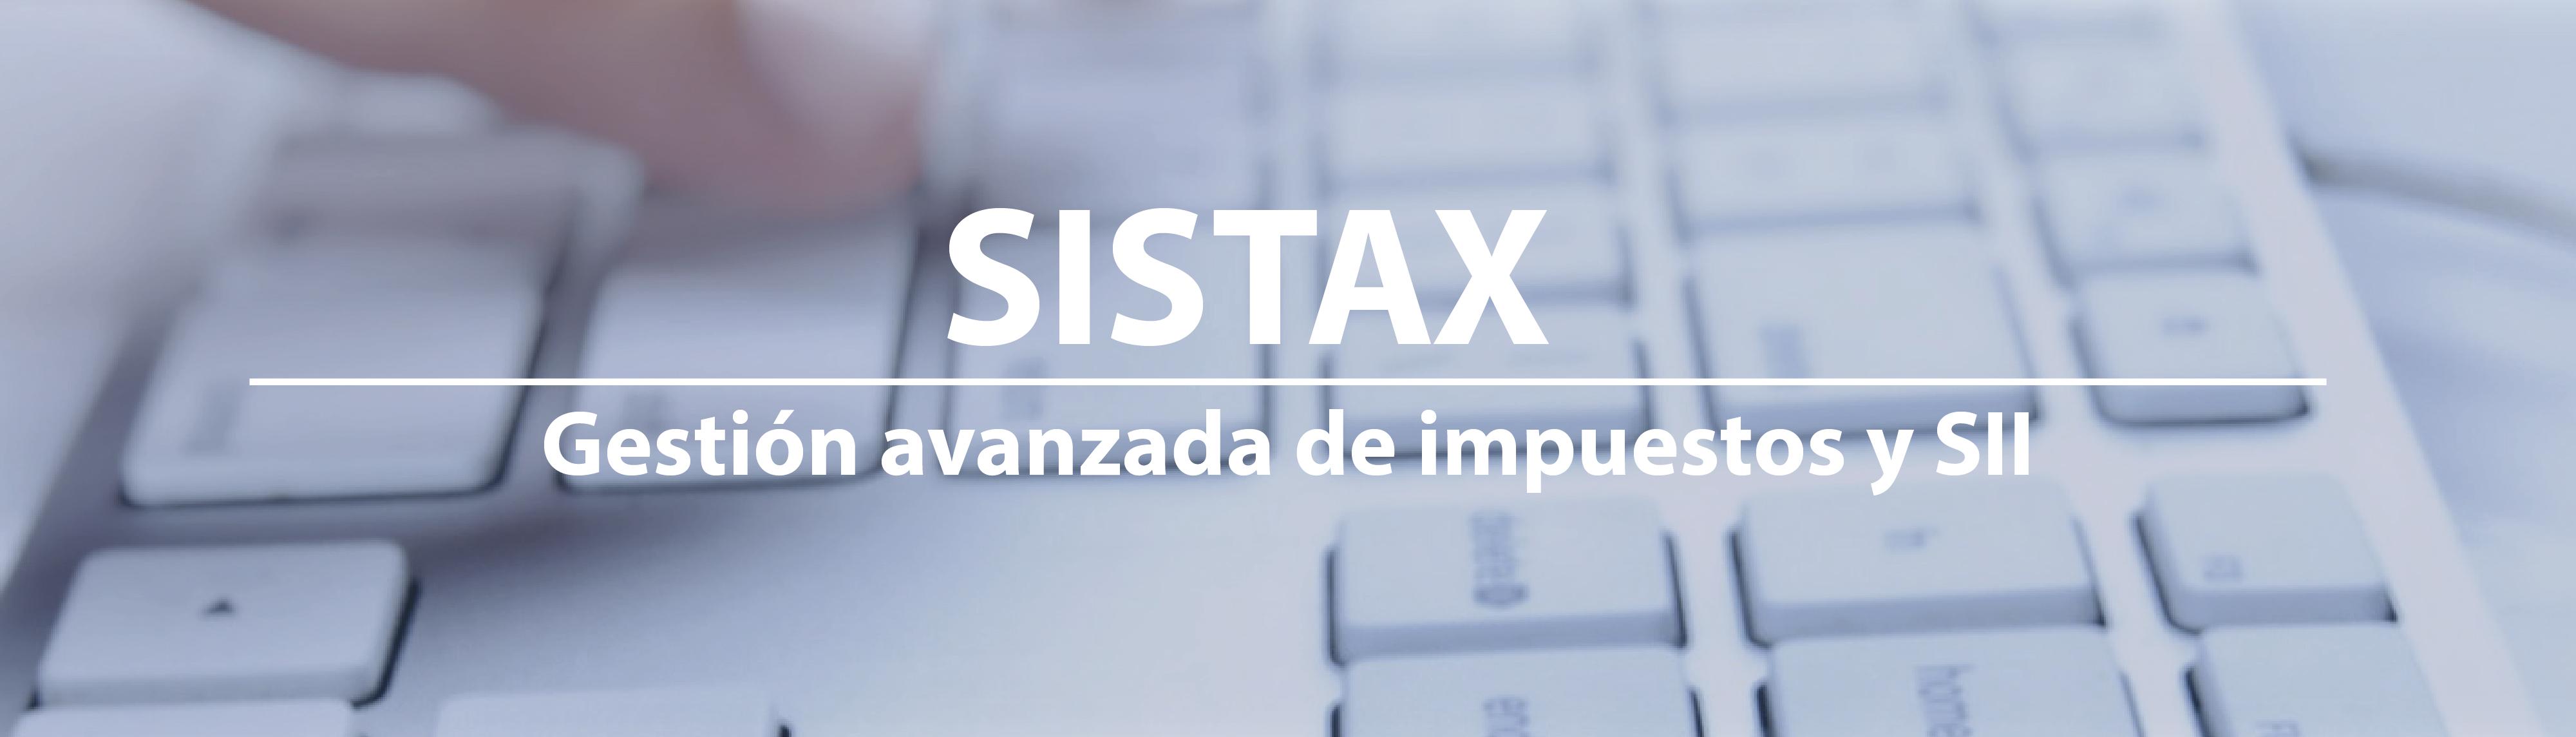 Gestion de impuestos SISTAX